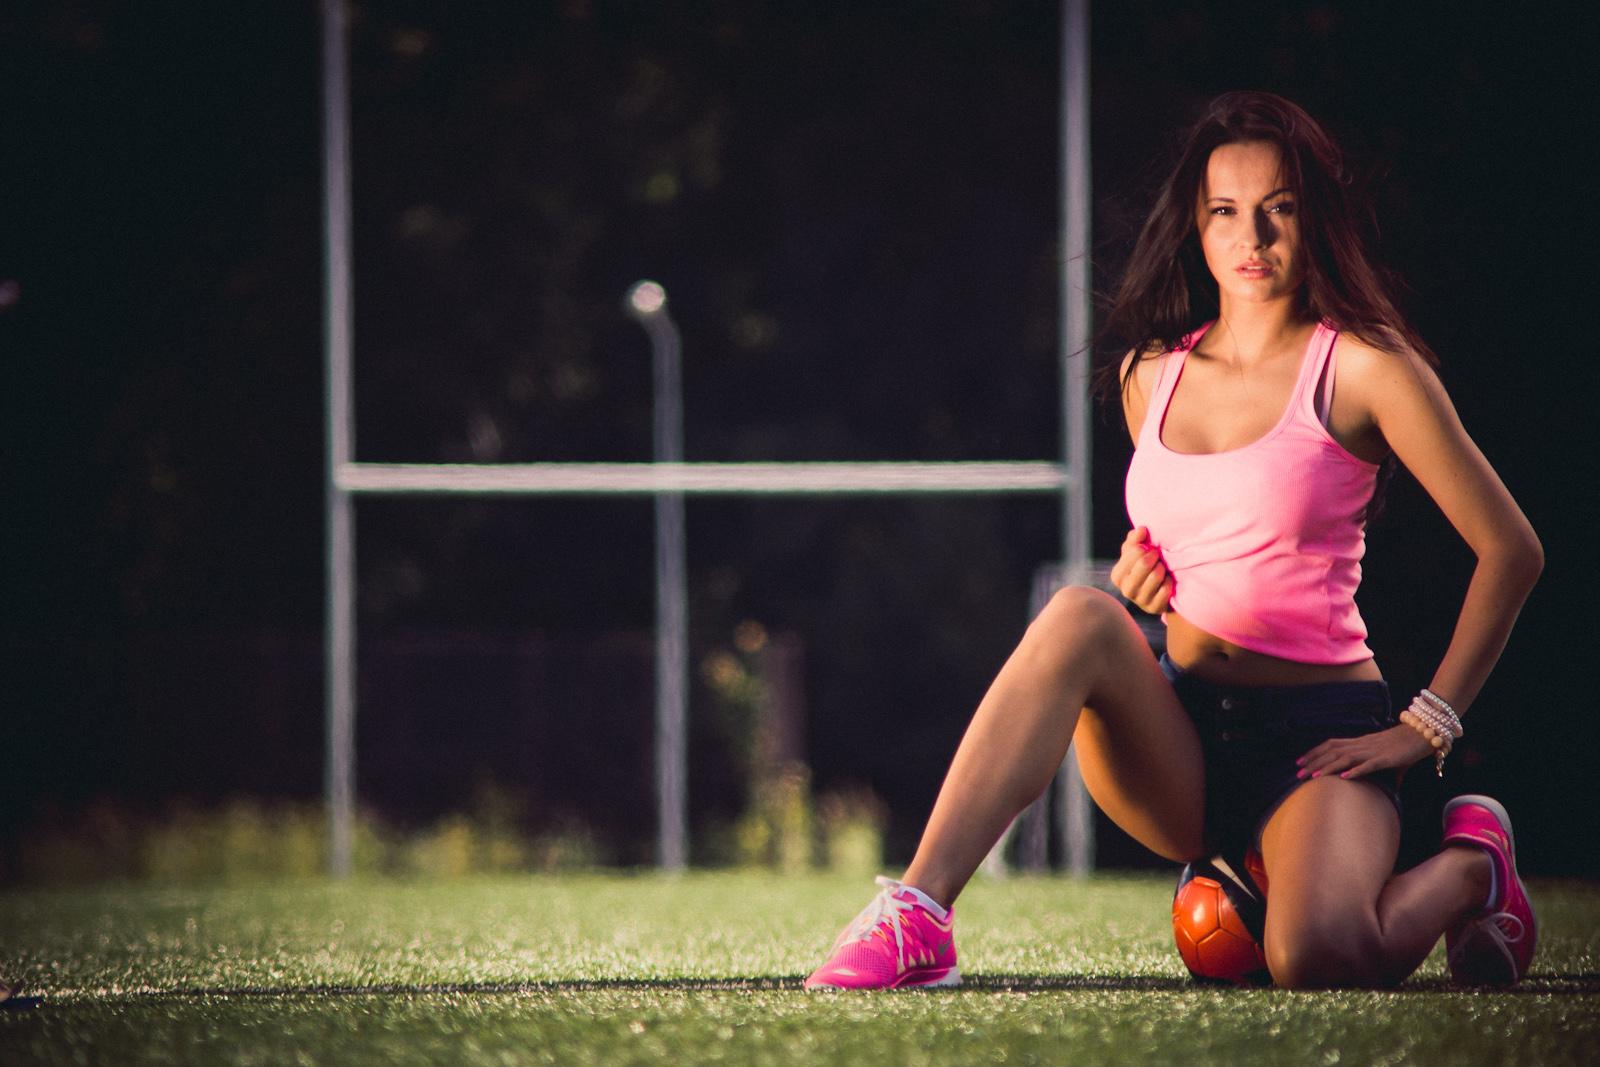 Ekstraklasa. Fotografia glamour. Dziewczyna z piłką. fot. Łukasz Cyrus